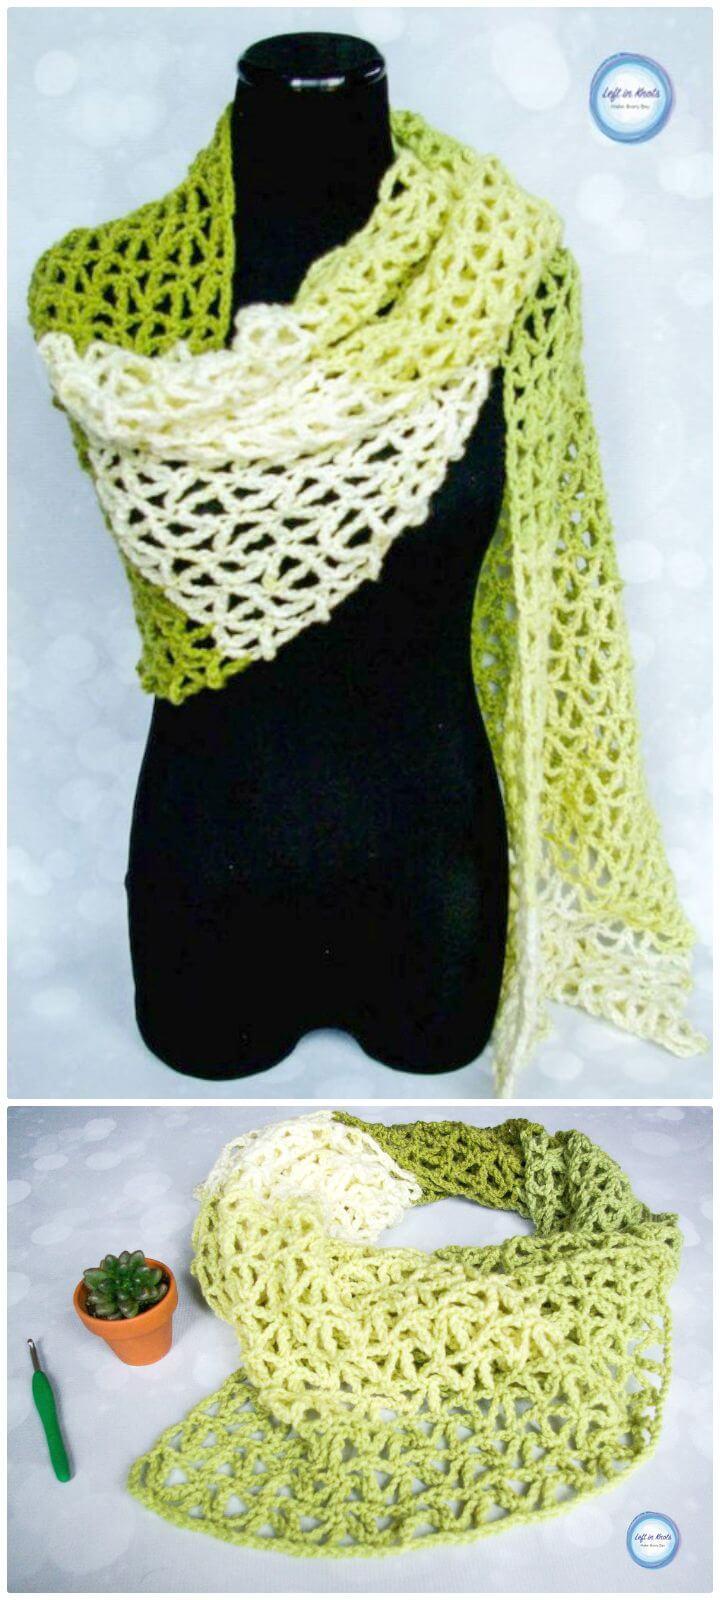 Cómo liberar el patrón de envoltura verde de ganchillo - Caron Cakes Yarn